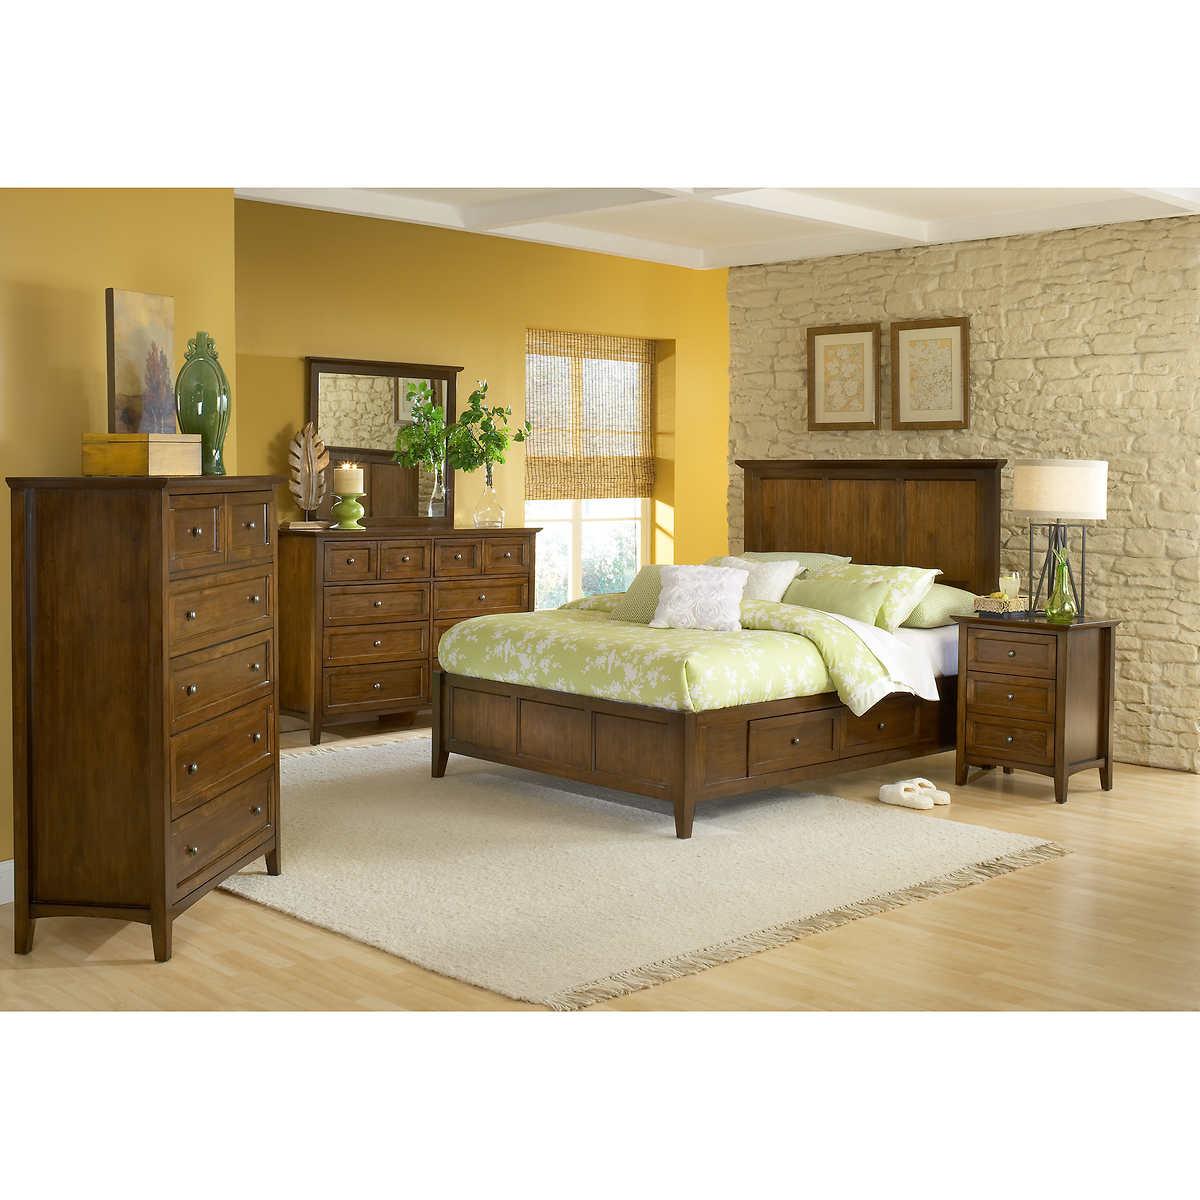 Bedroom Furniture Queen Storage Bed queen bedroom sets | costco